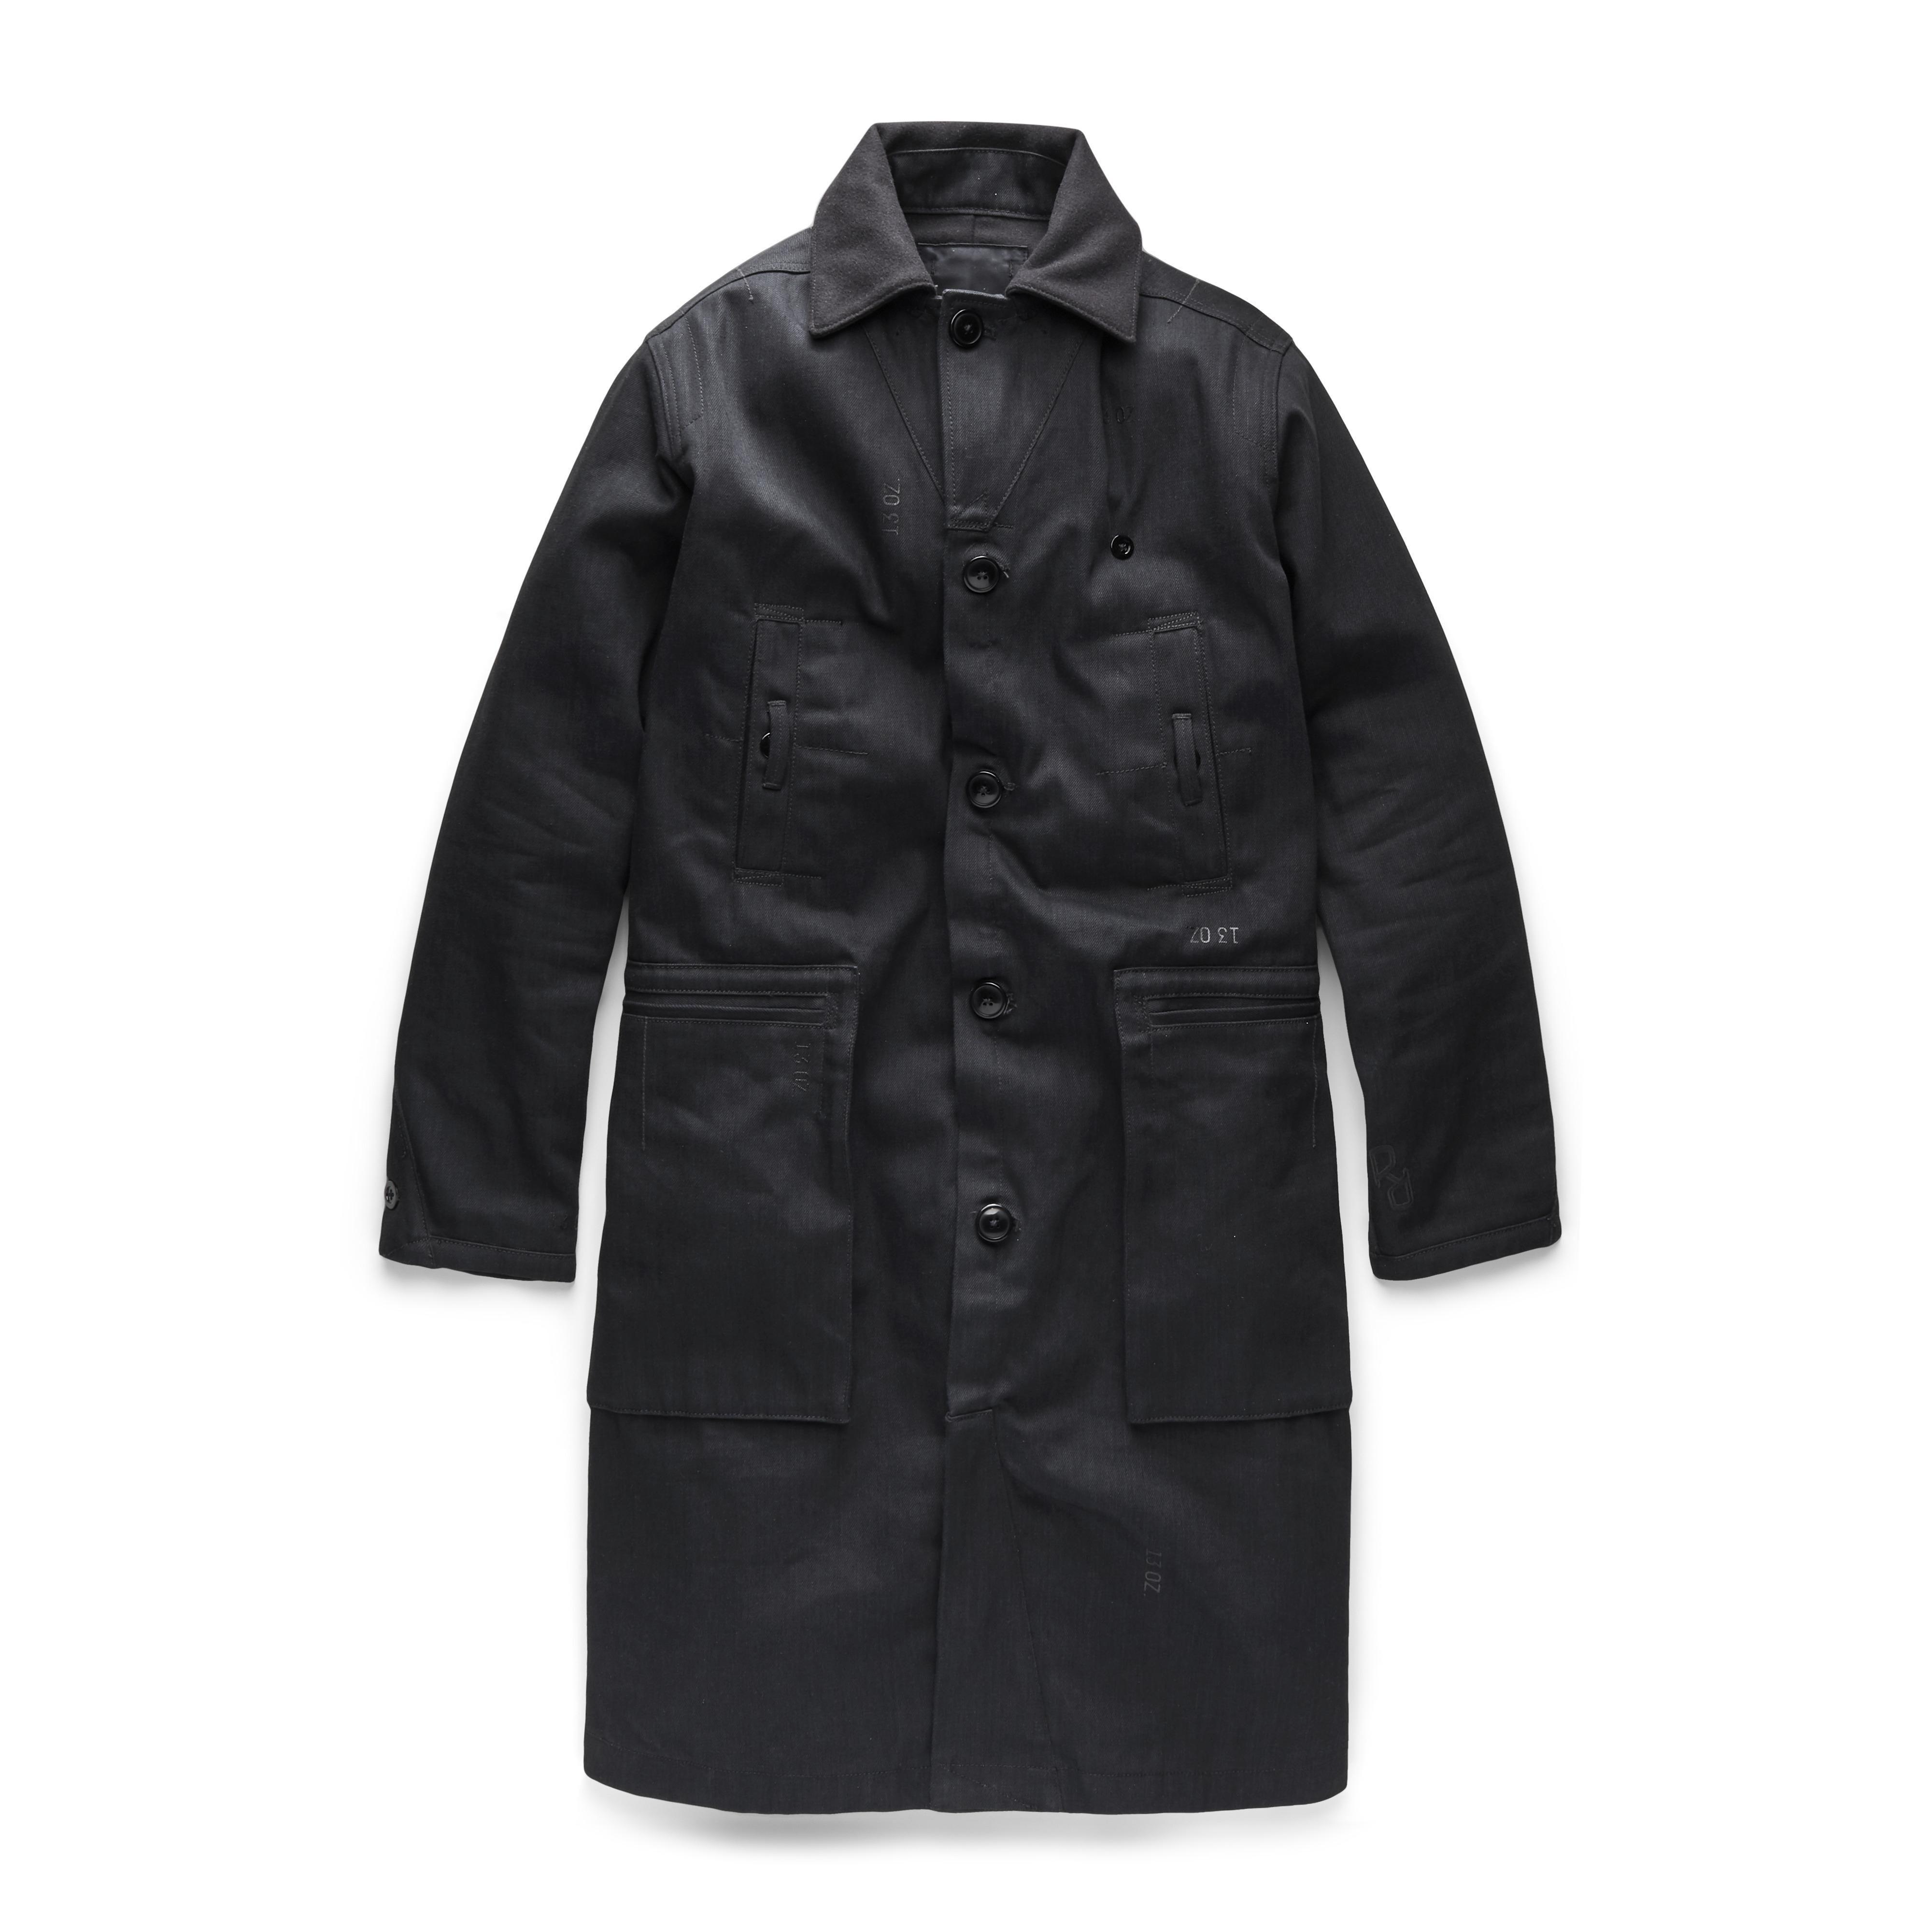 GSRR Coat